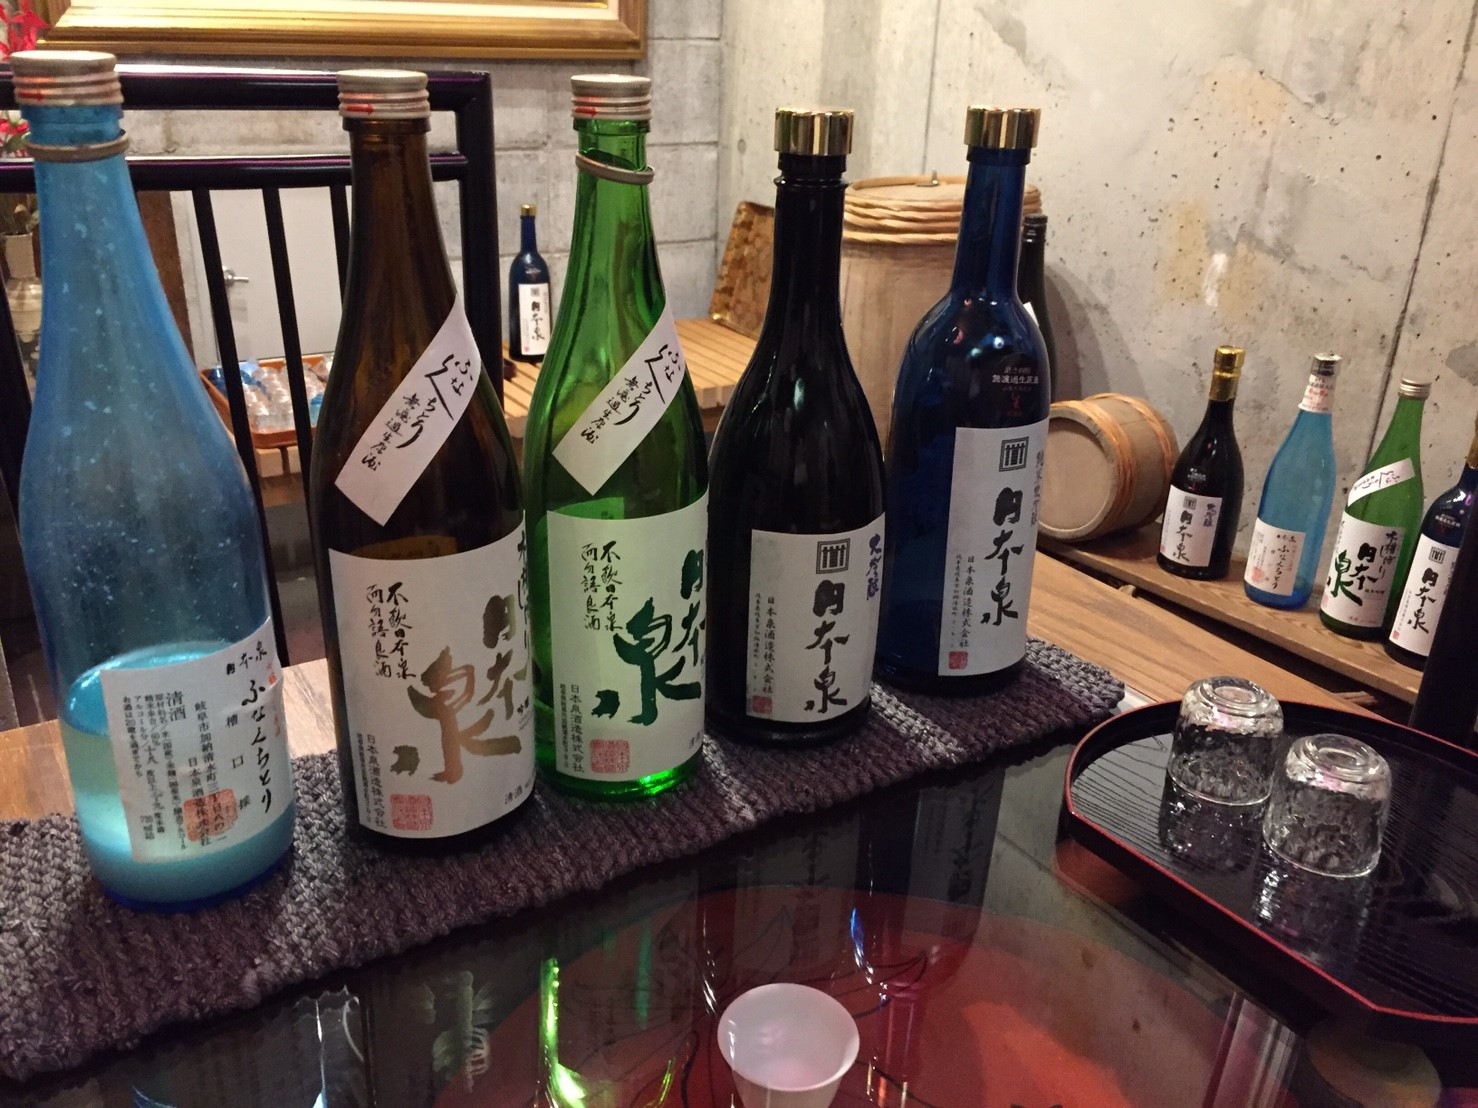 年中おいしい生酒が飲める地元岐阜の駅前酒蔵*日本泉酒造***